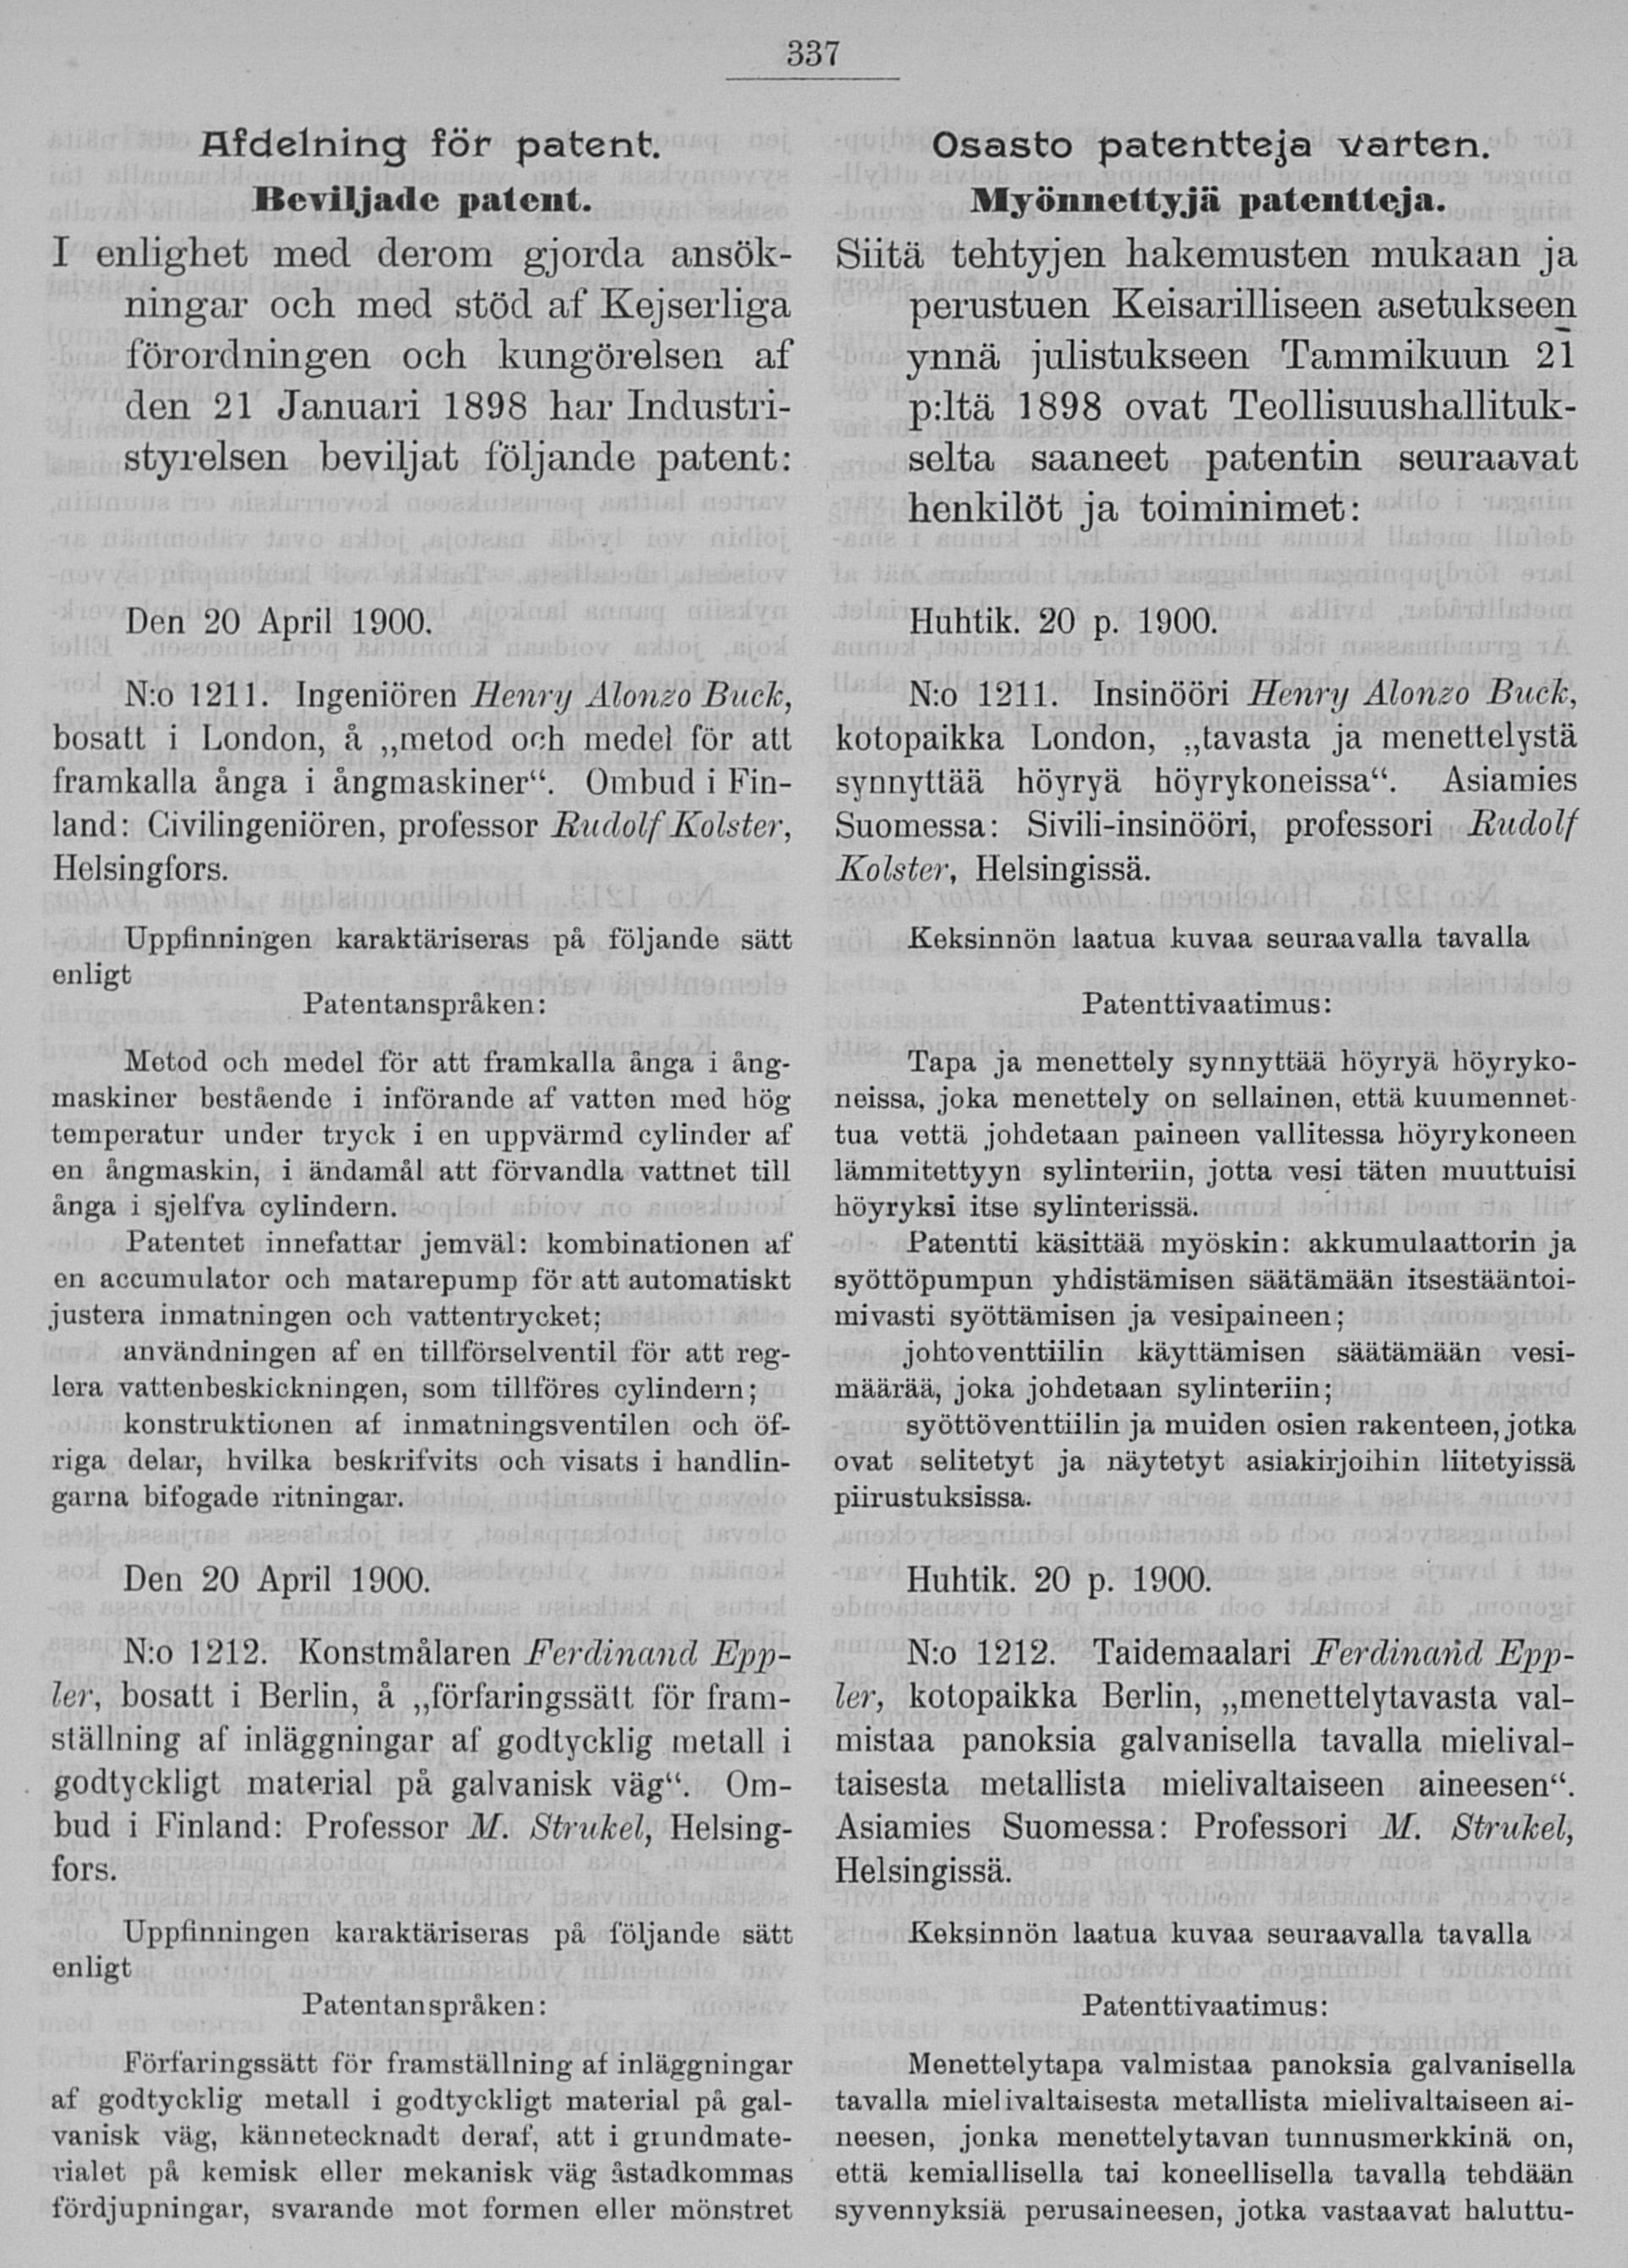 17.8.1900_Registeringstidning för varumärken no 152